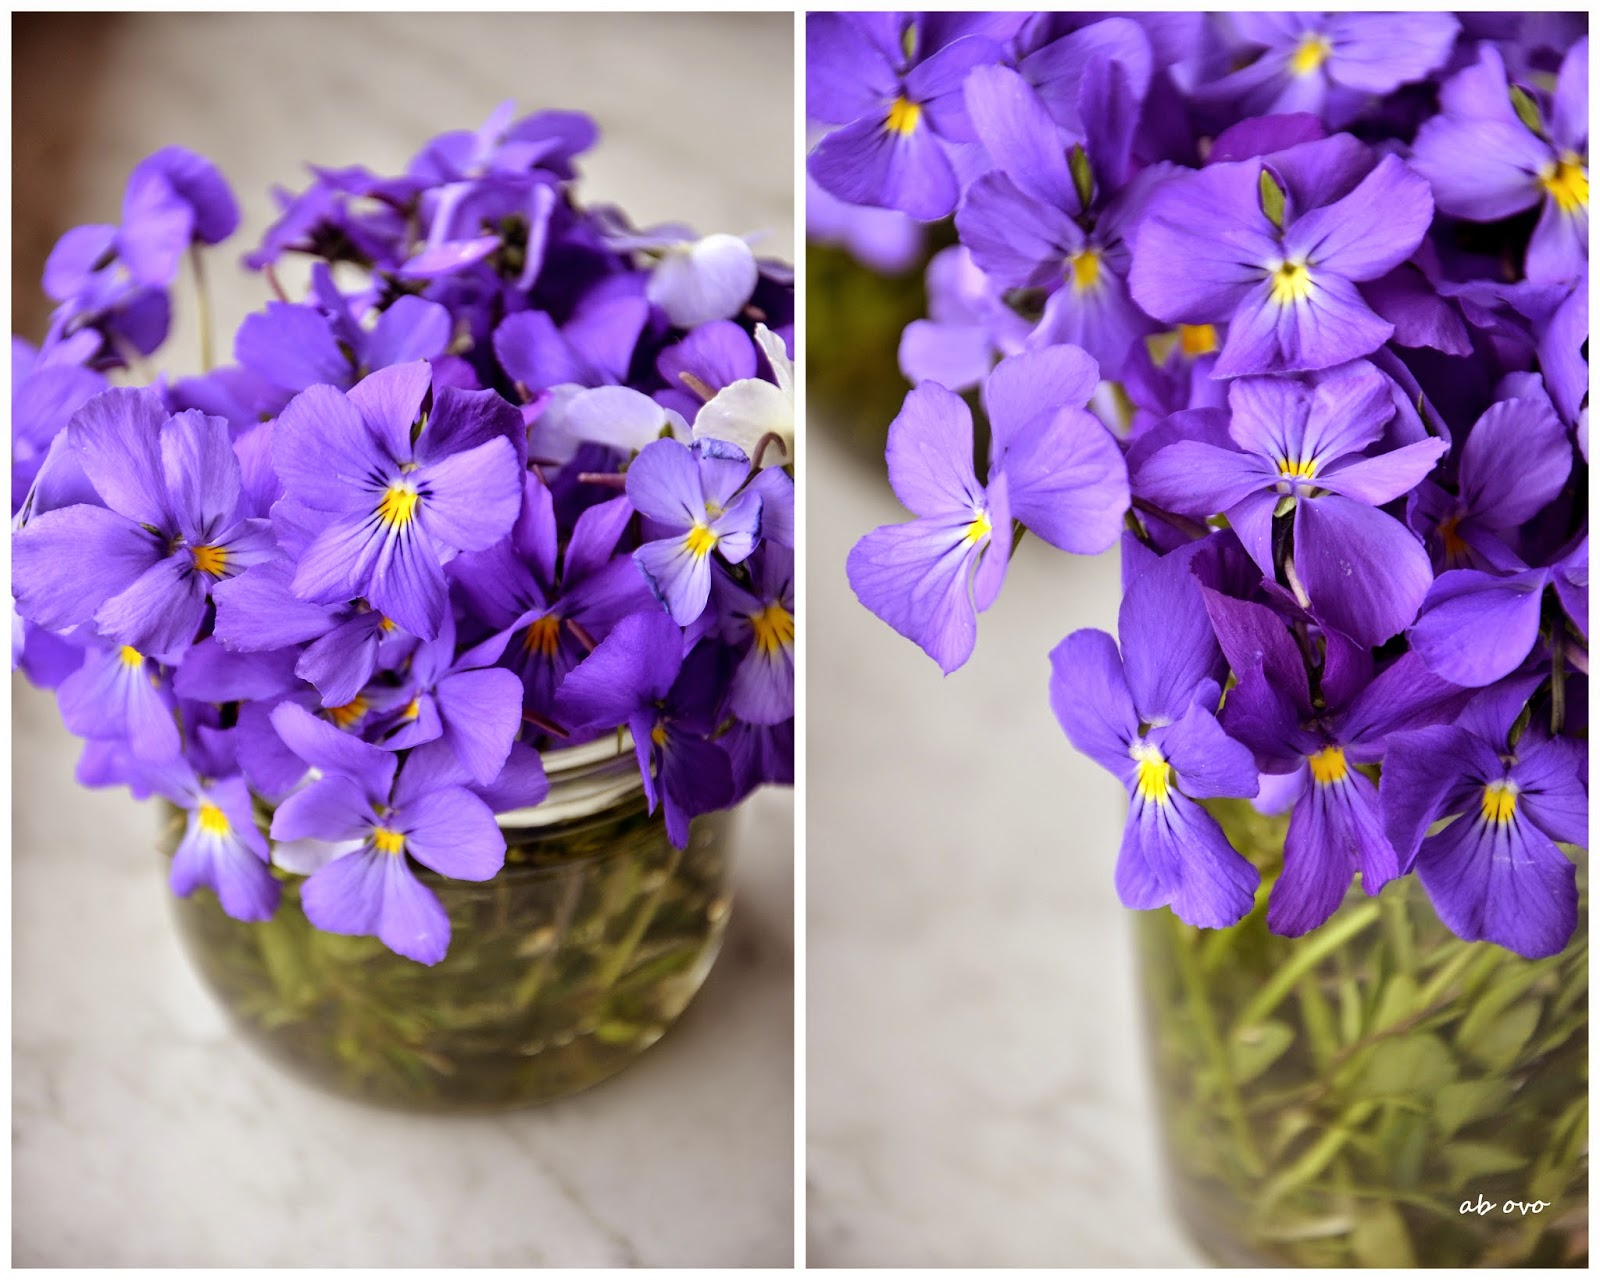 violette-cristallizzate